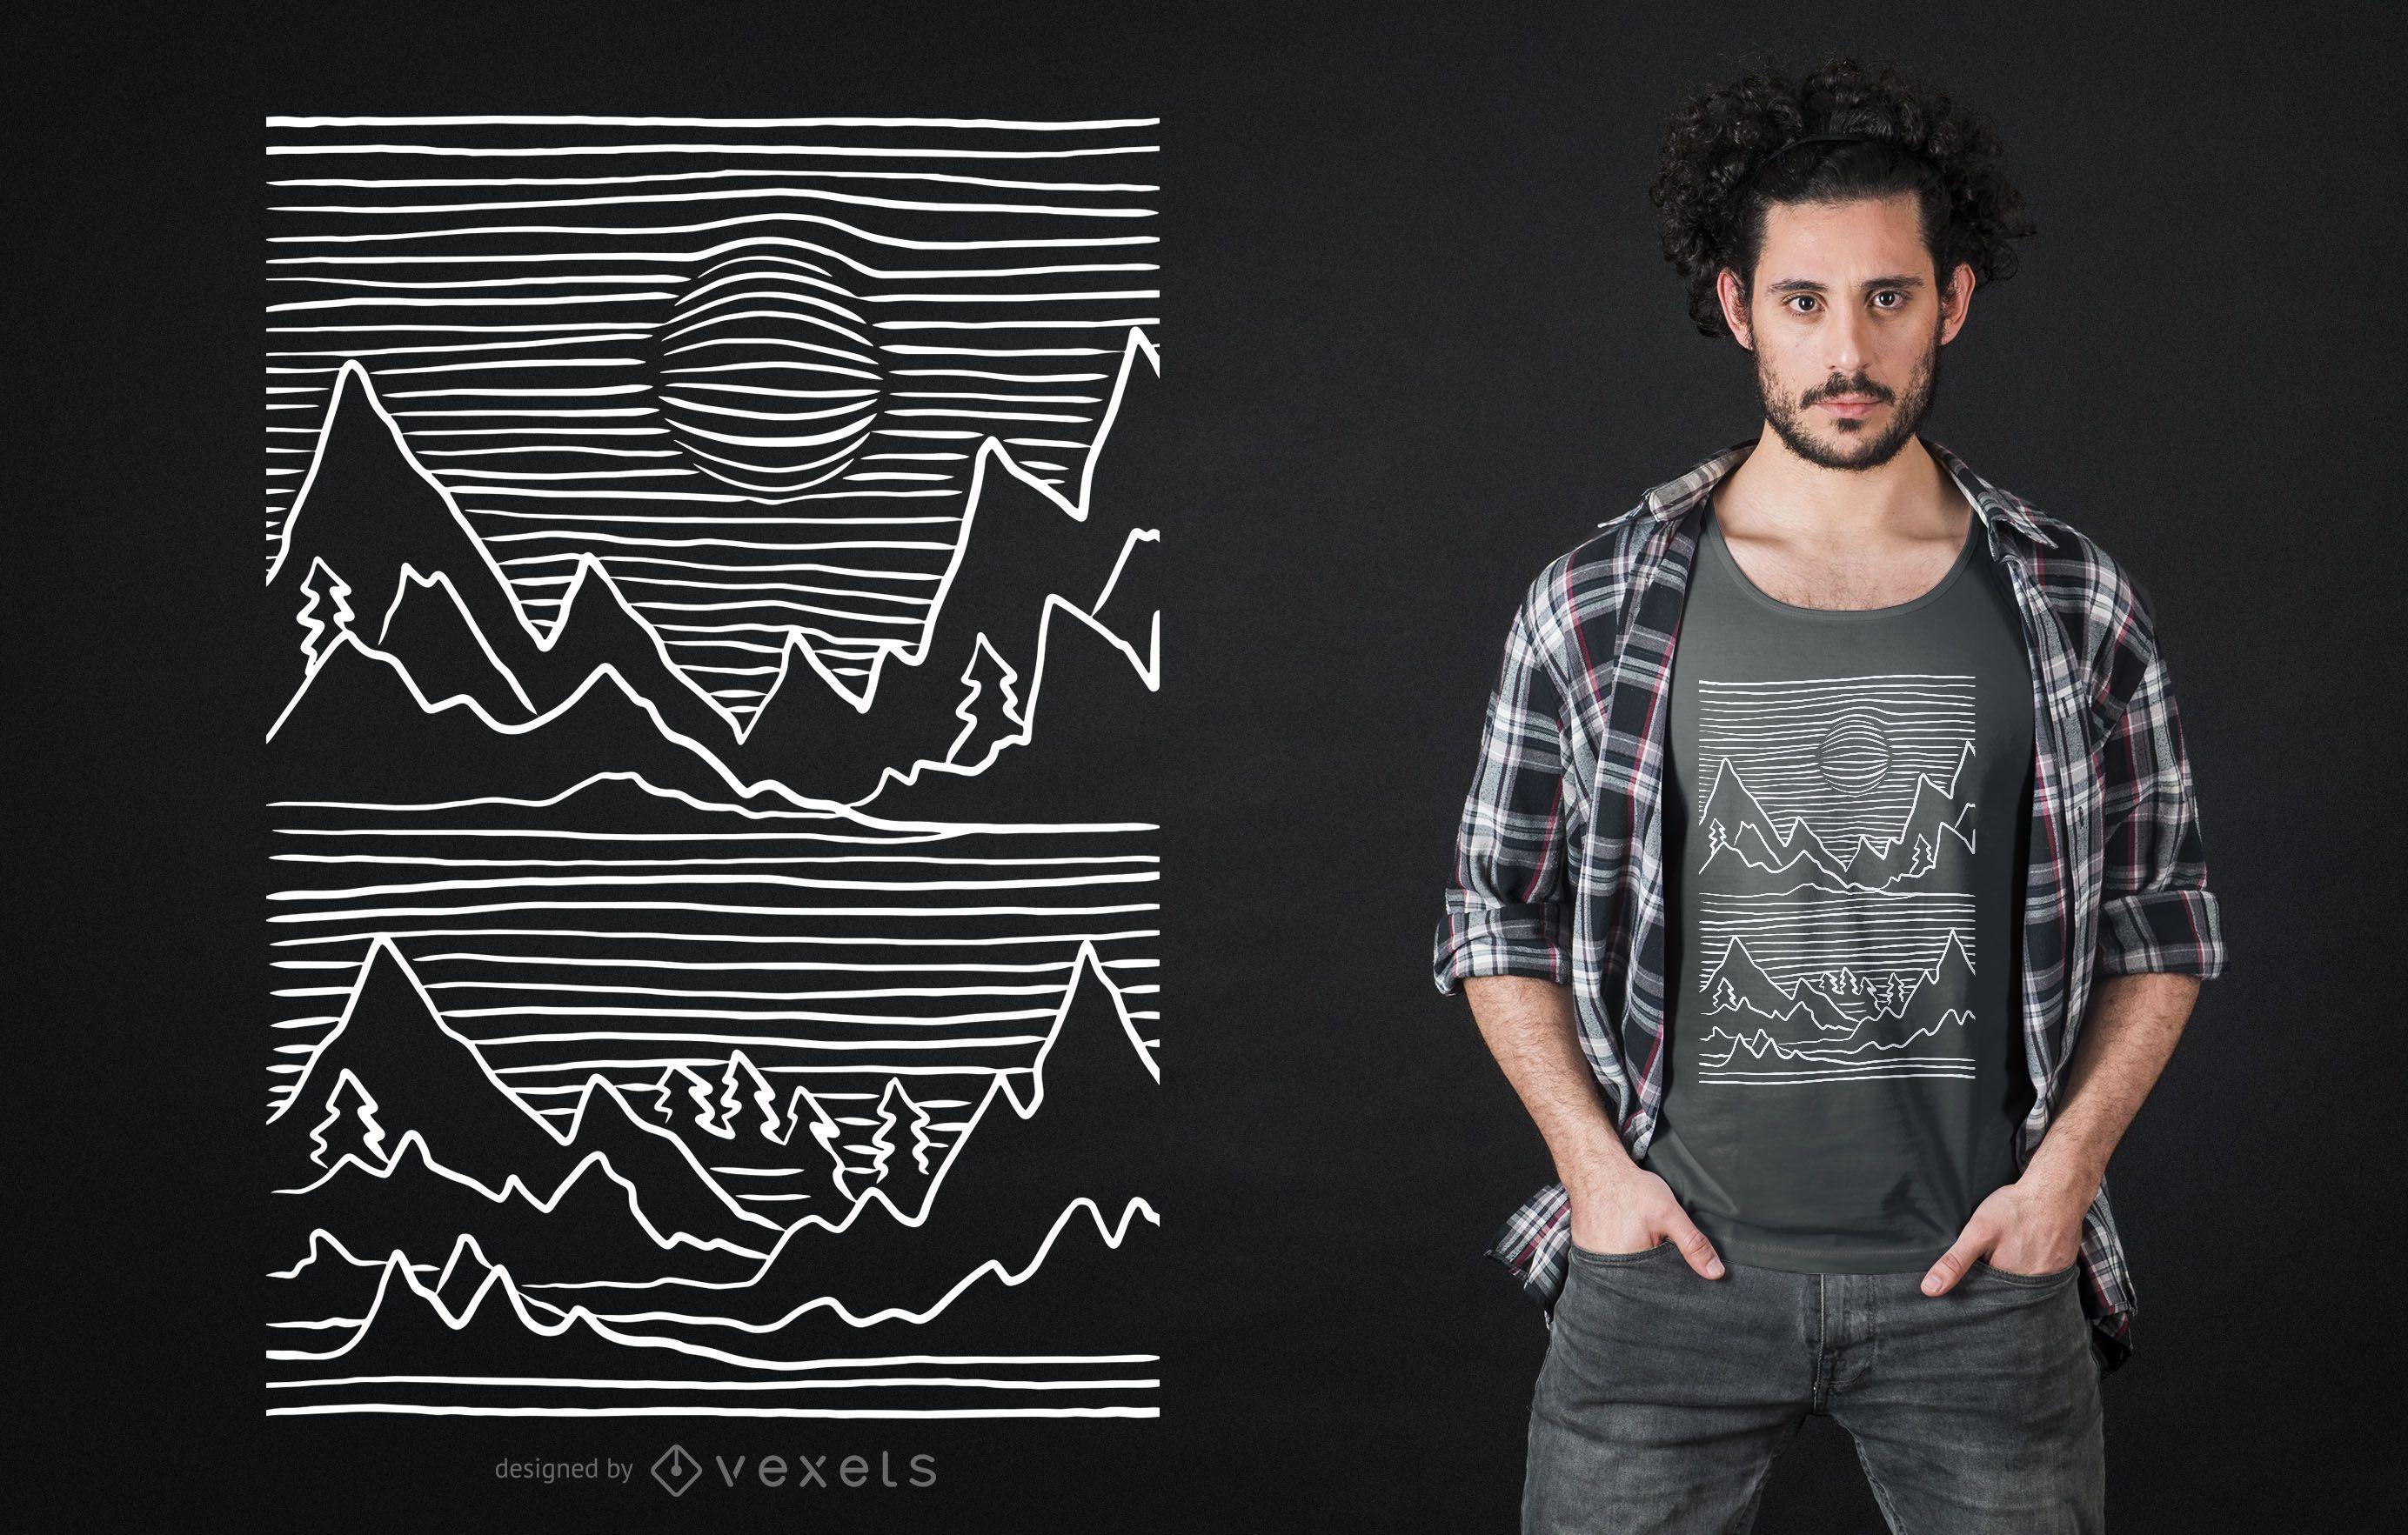 Dise?o de camiseta 3D Mountain Stroke